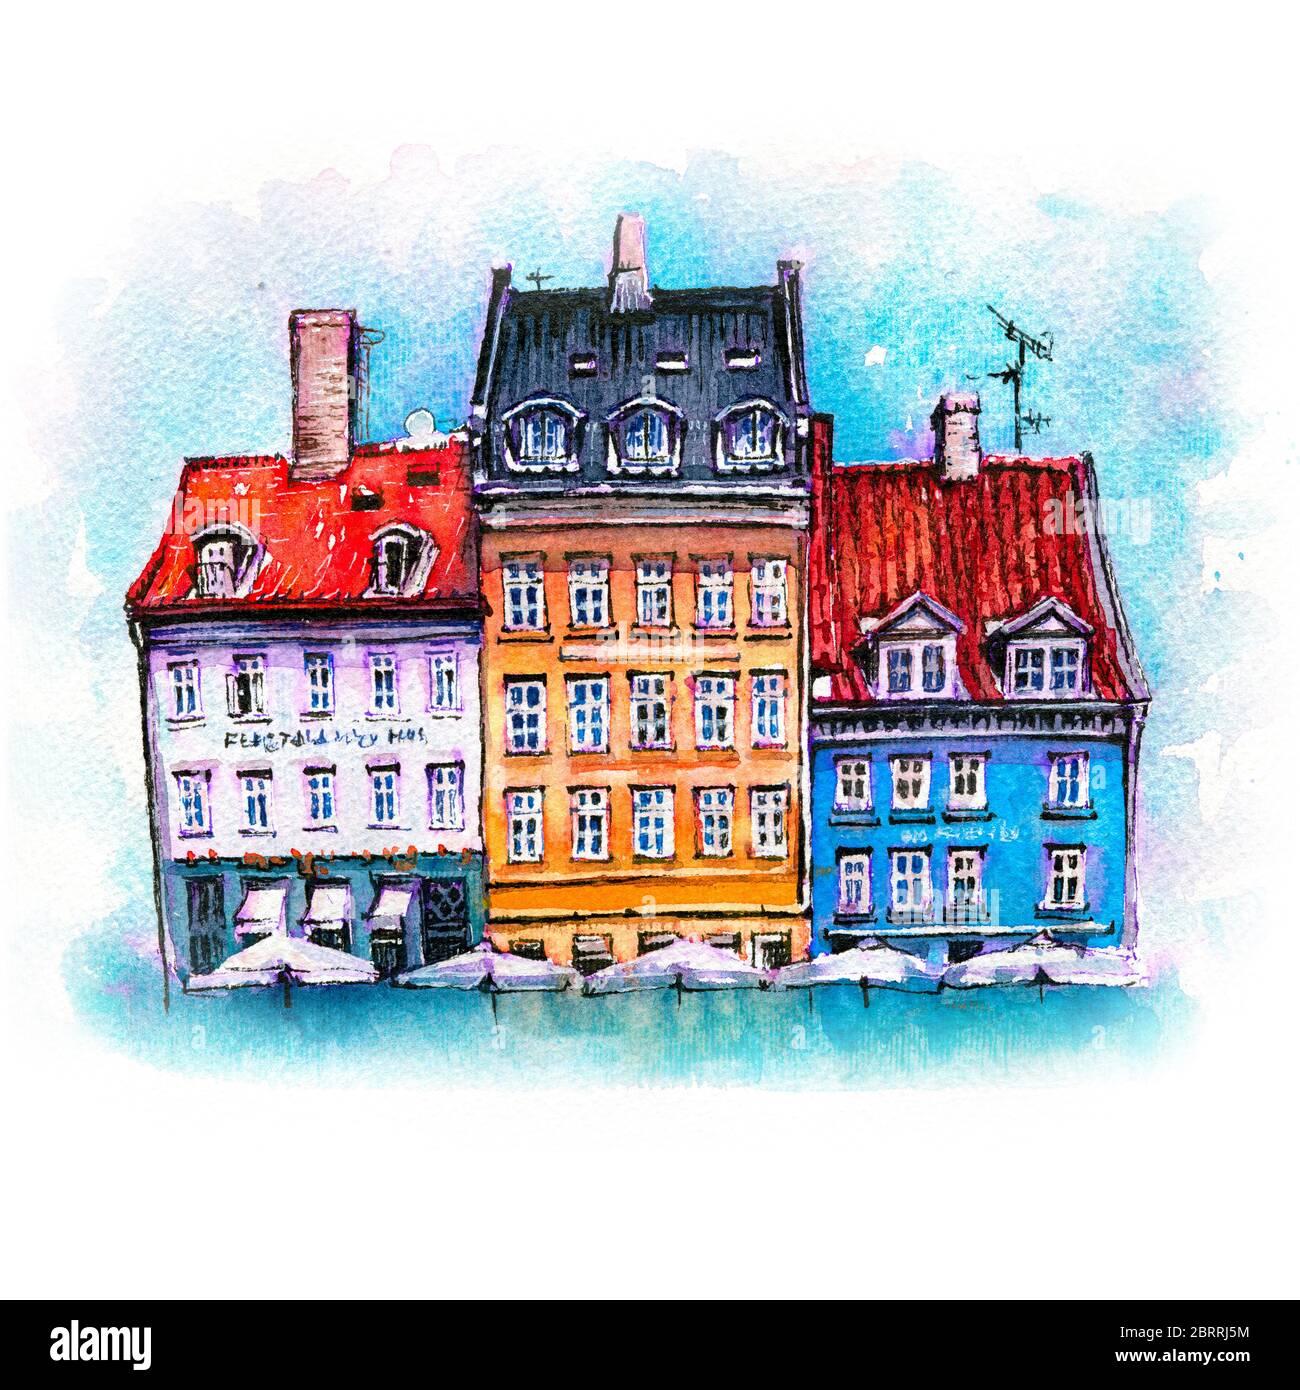 Dibujo de acuarela de coloridas fachadas de casas antiguas en Nyhavn puerto en el casco antiguo de la ciudad de Copenhague, capital de Dinamarca. Foto de stock